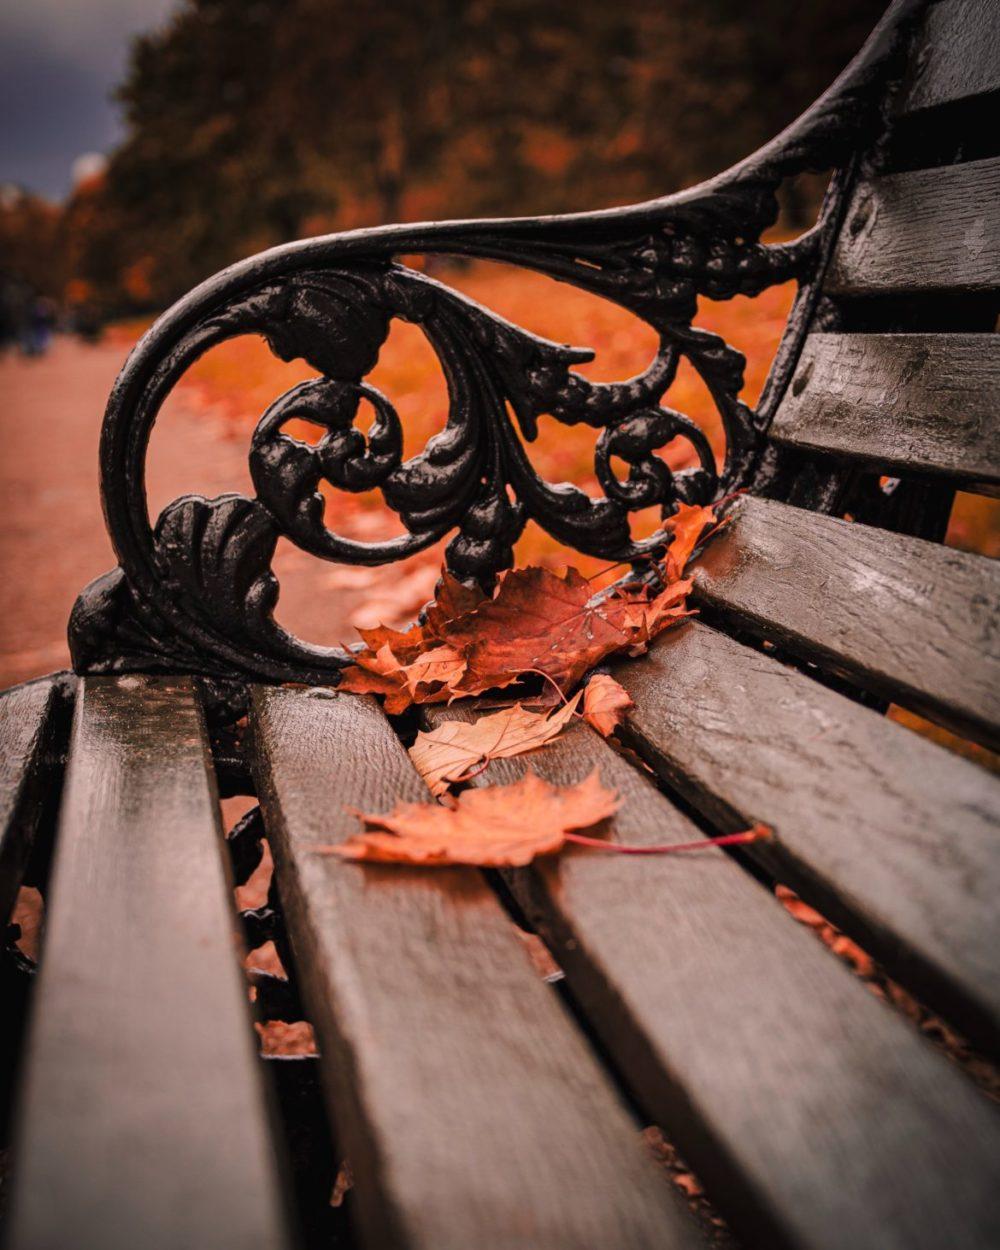 höstlöv på en bänk